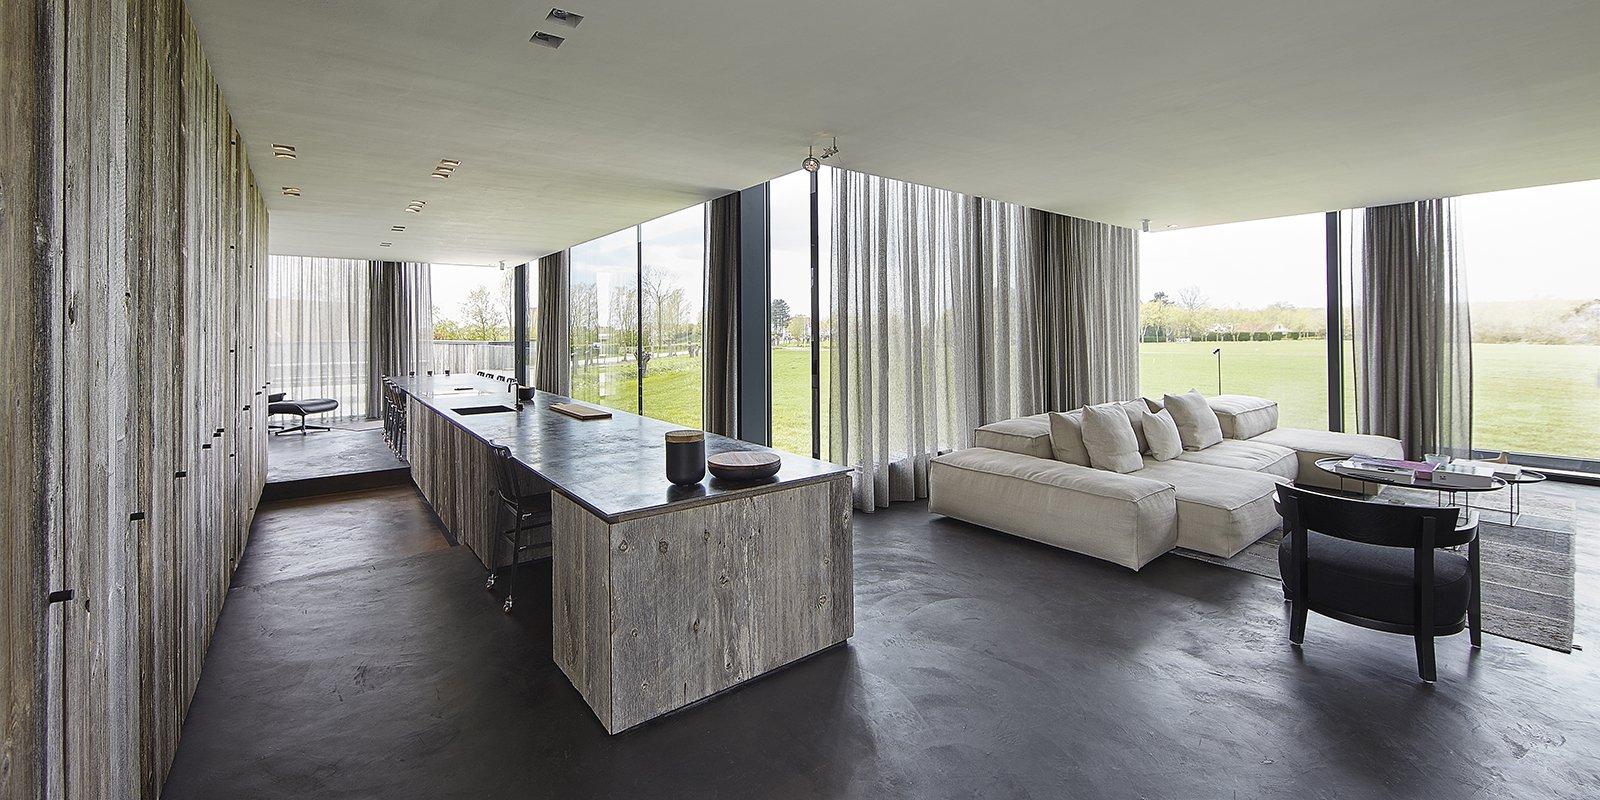 Villa opent als een bloem the art of living be - Kubieke villa ...